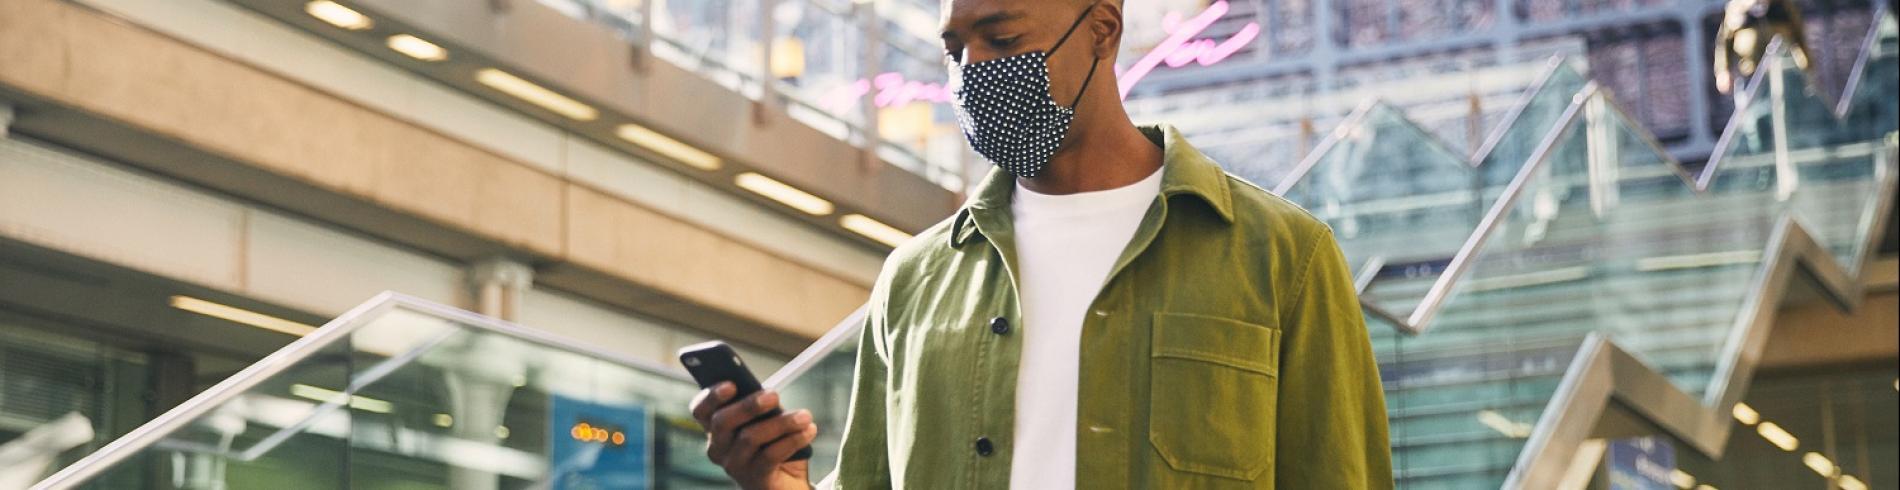 masked man in St Pancras International